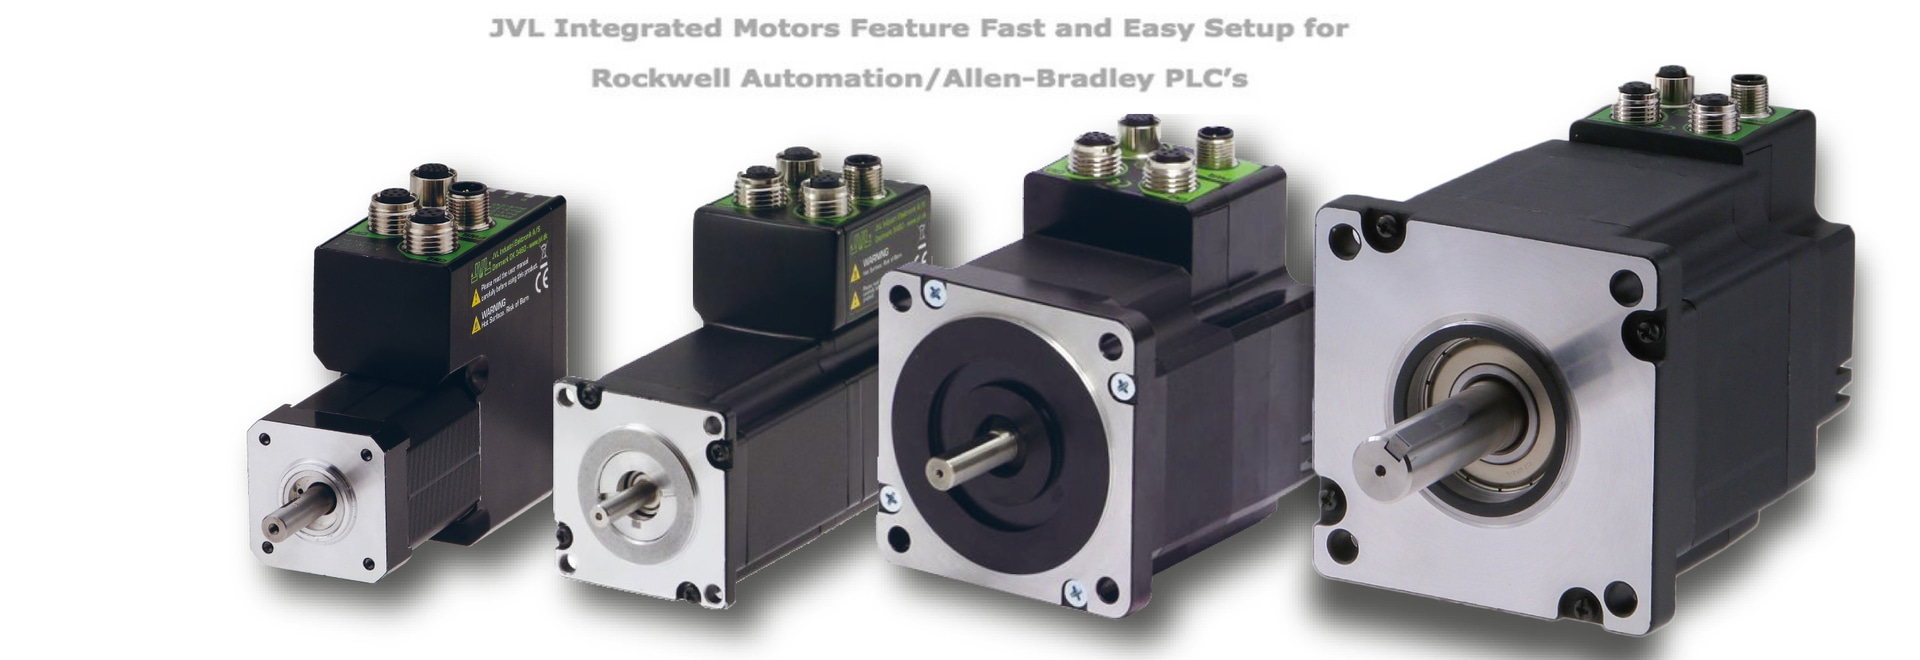 I motori integrati JVL sono caratterizzati da una configurazione semplice e veloce per i PLC Rockwell Automation/Allen-Bradley